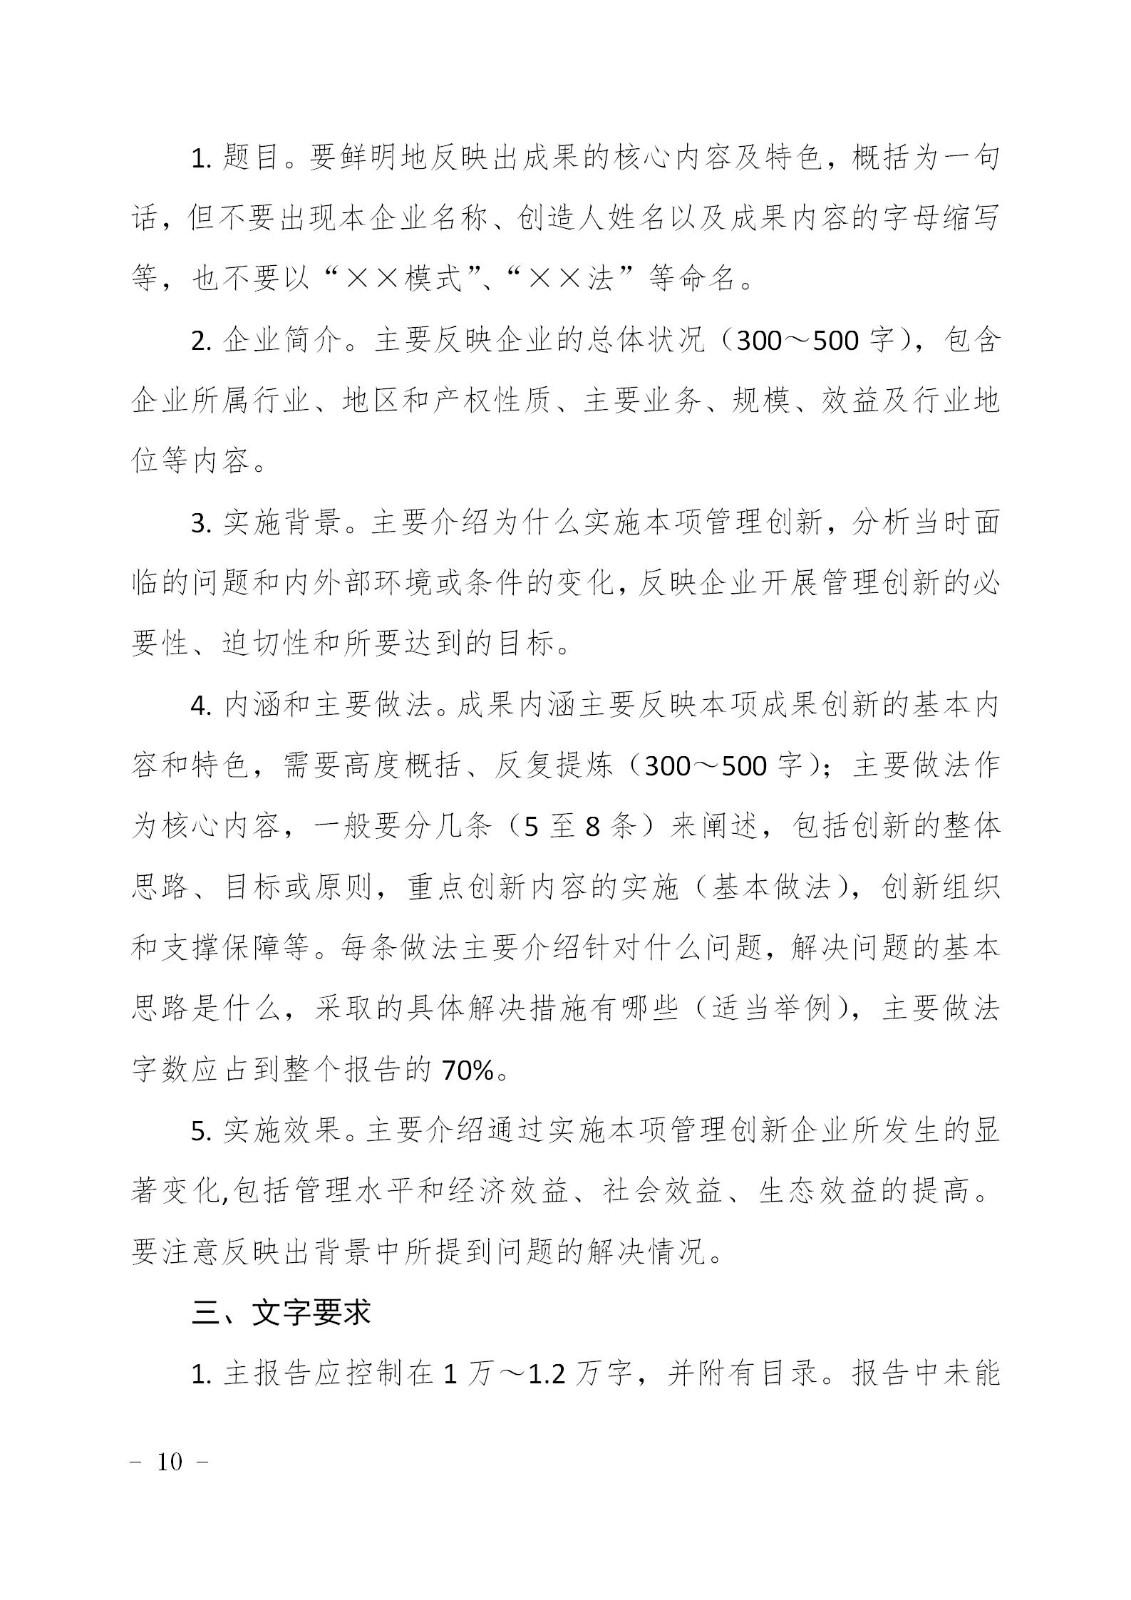 2020年杭州市企业管理现代化创新成果_10.jpg